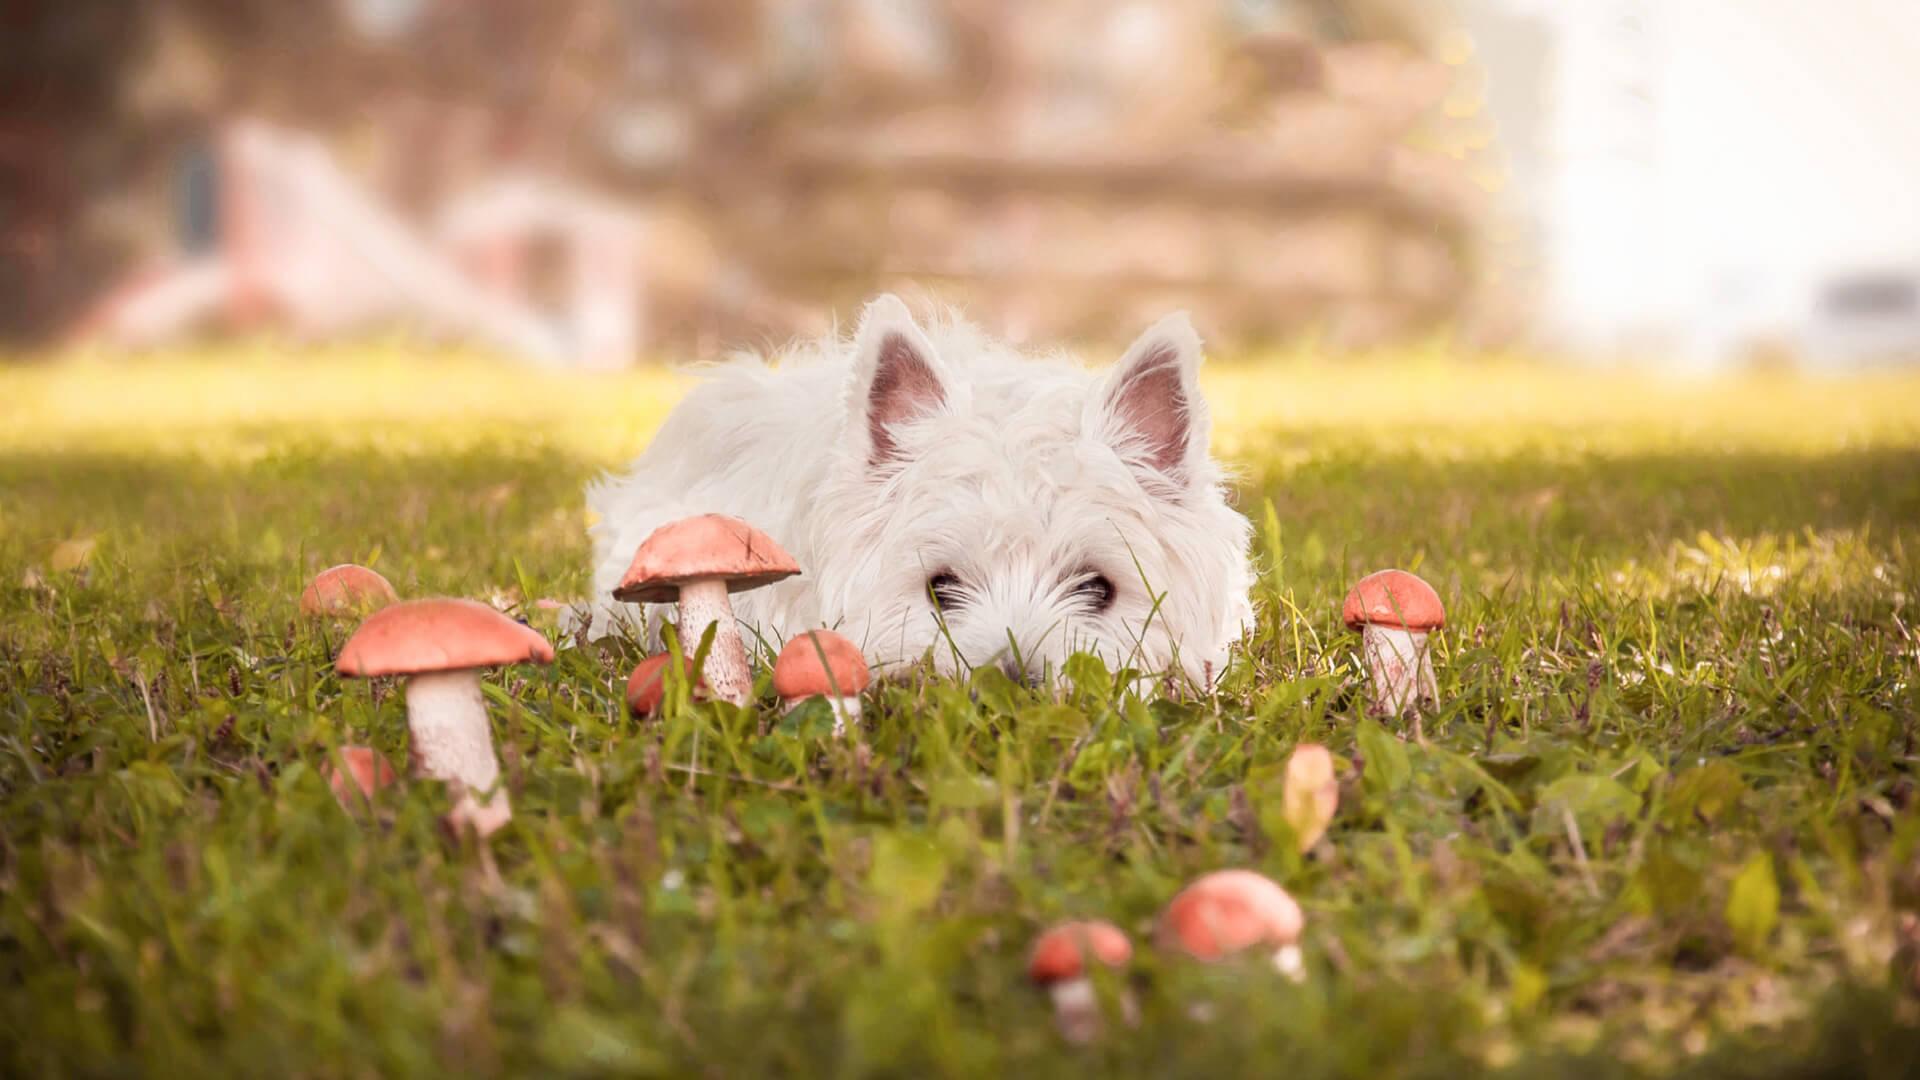 Kleiner, weißer Hund in Wiese mit Giftpilzen